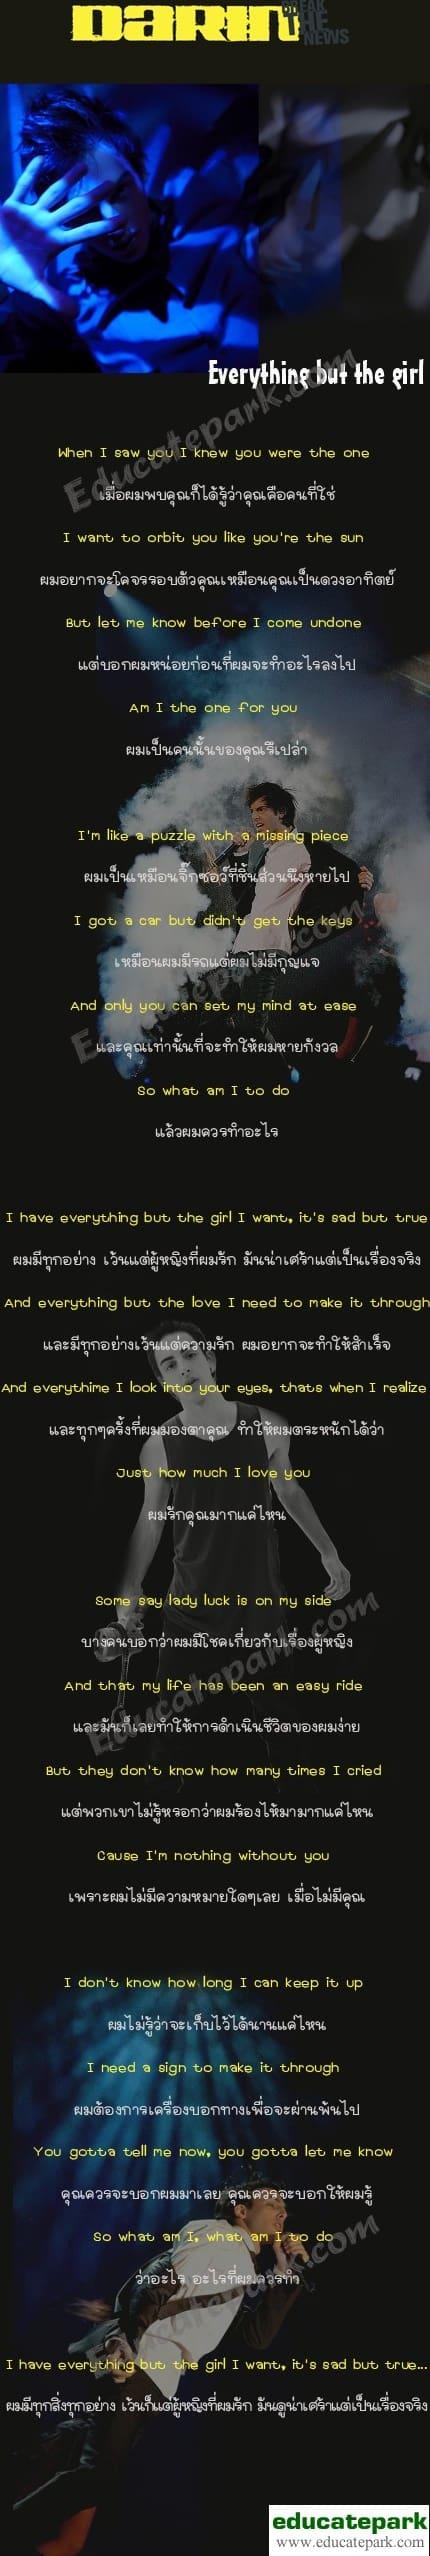 แปลเพลง Everything but the girl - Darin